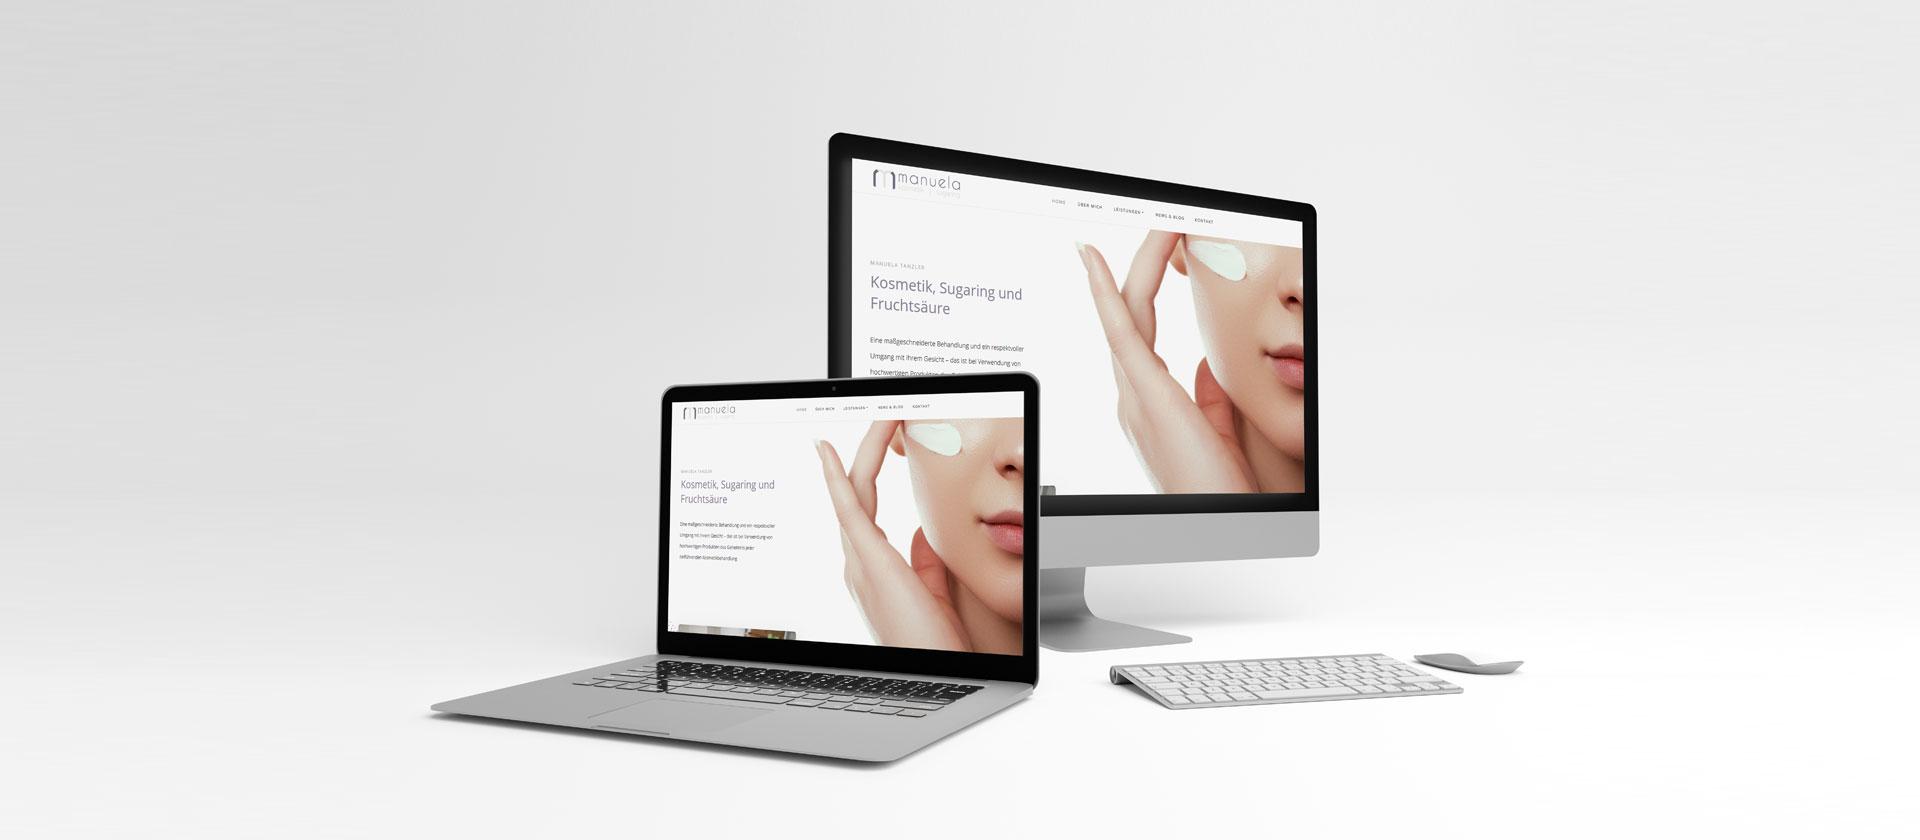 Manuela Kosmetik hat eine neue Webseite | webundwerbung.at